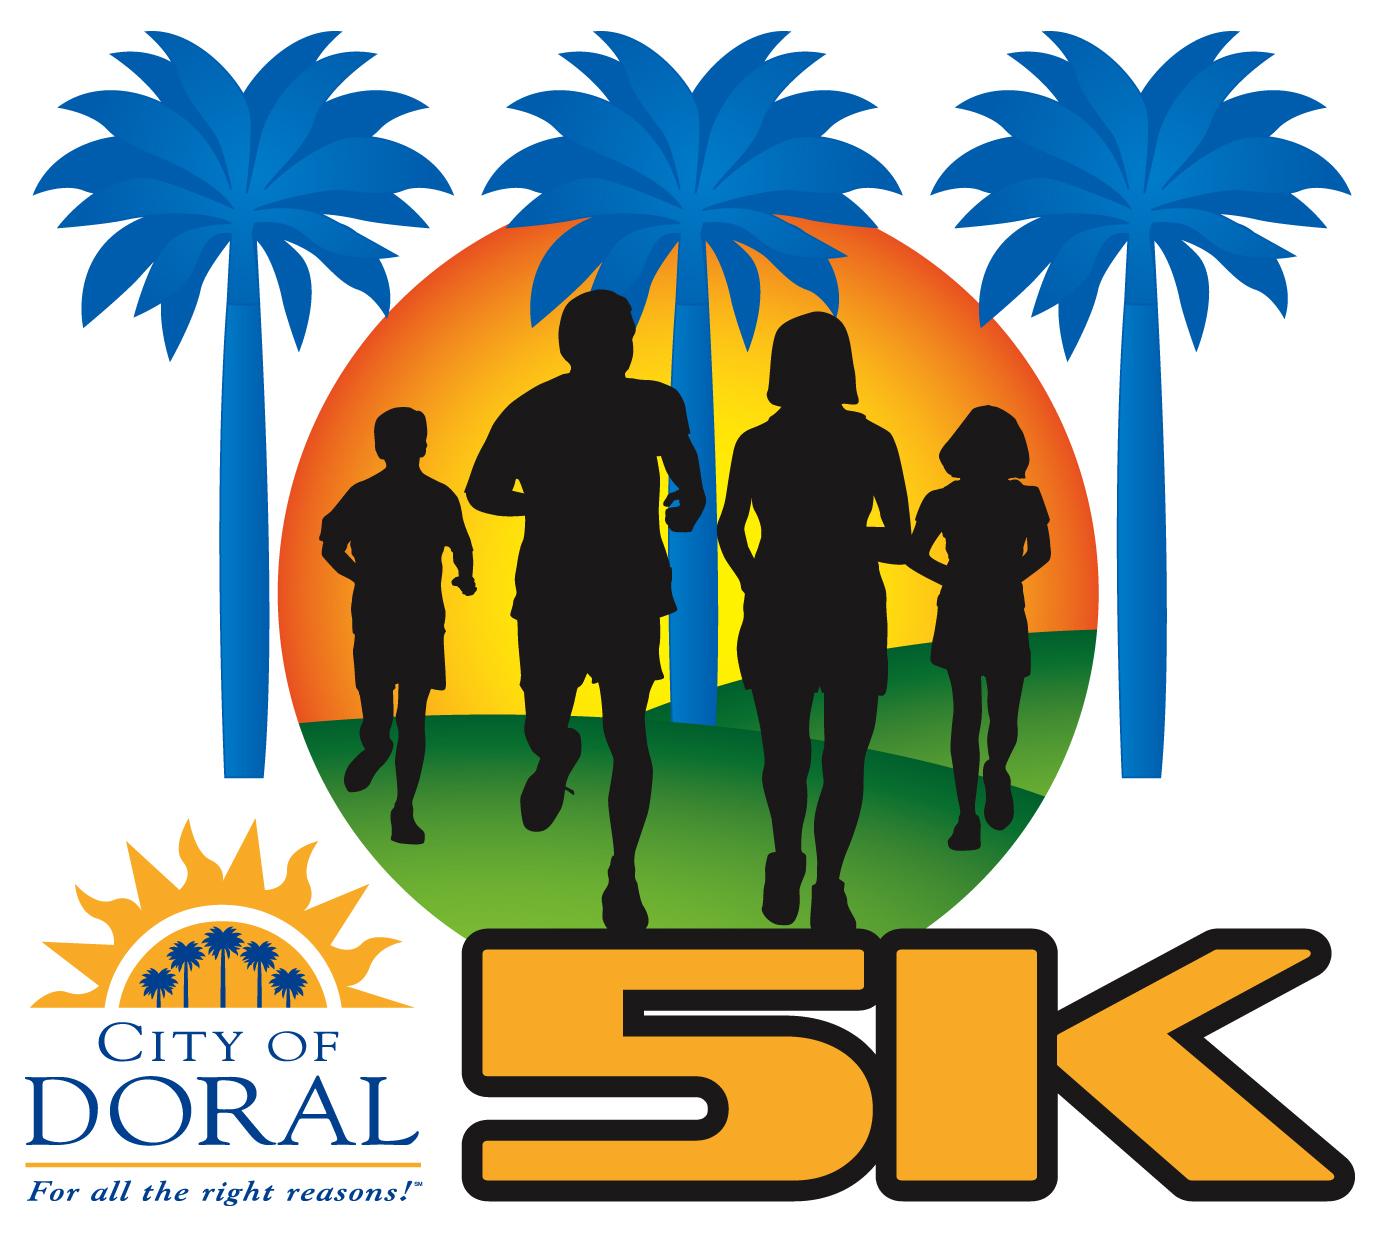 Doral 5K Run/Walk